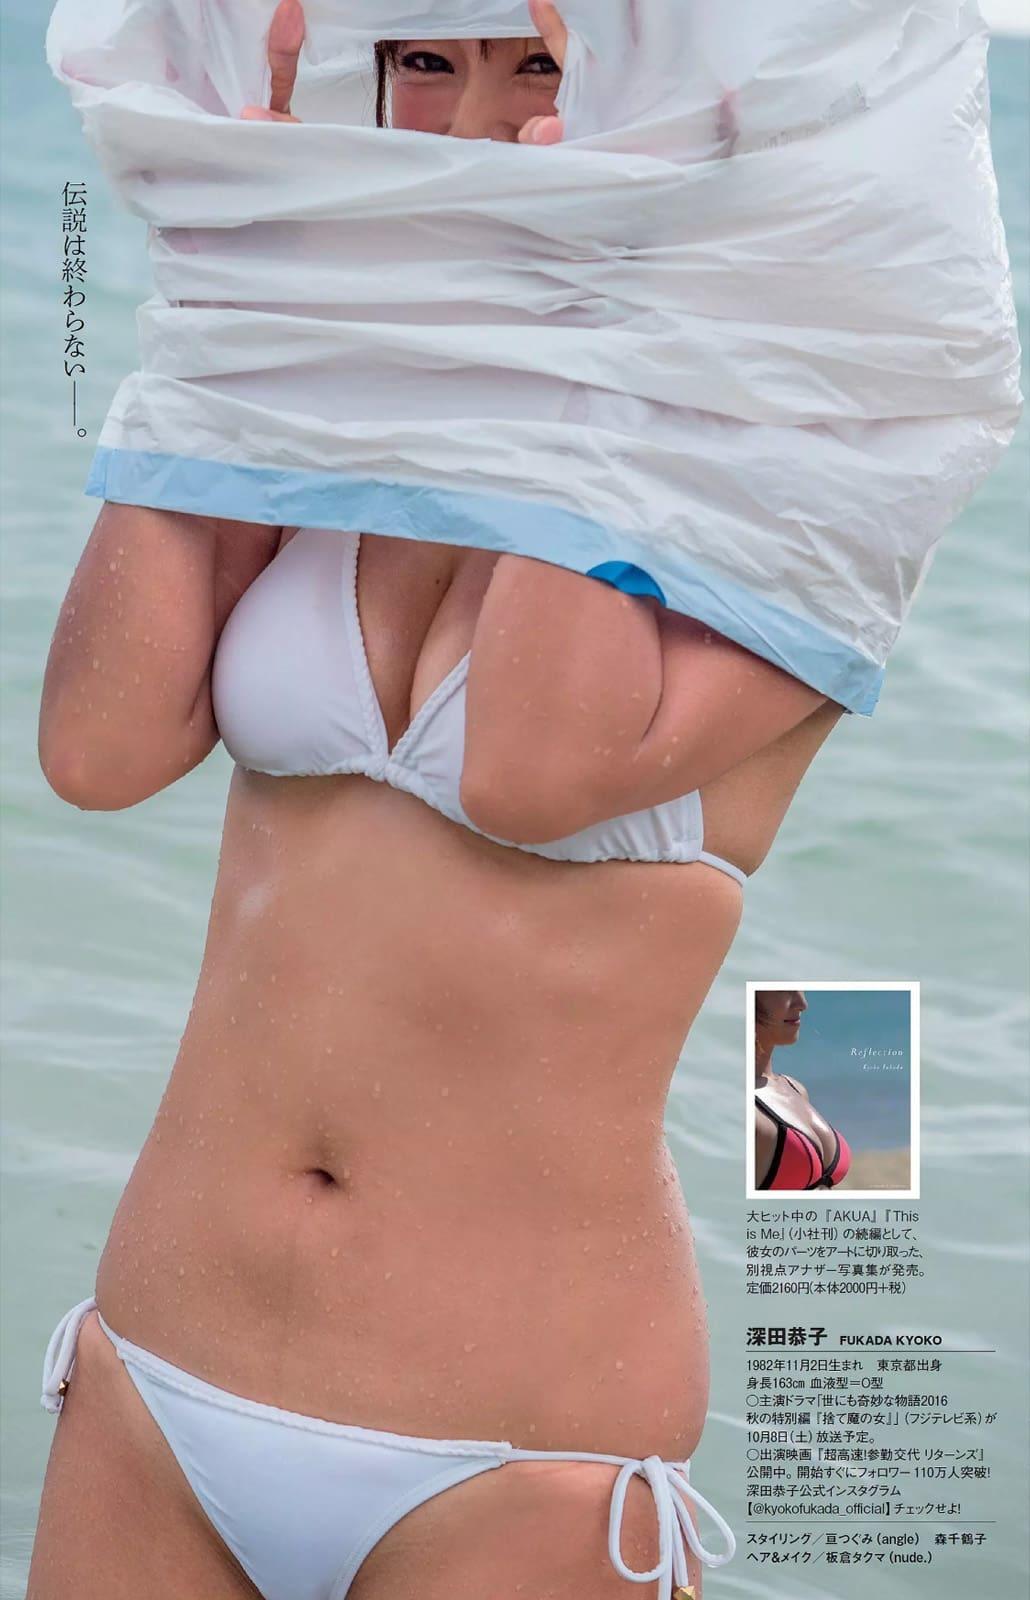 「週刊プレイボーイ 2016 No.42」深田恭子の水着グラビア